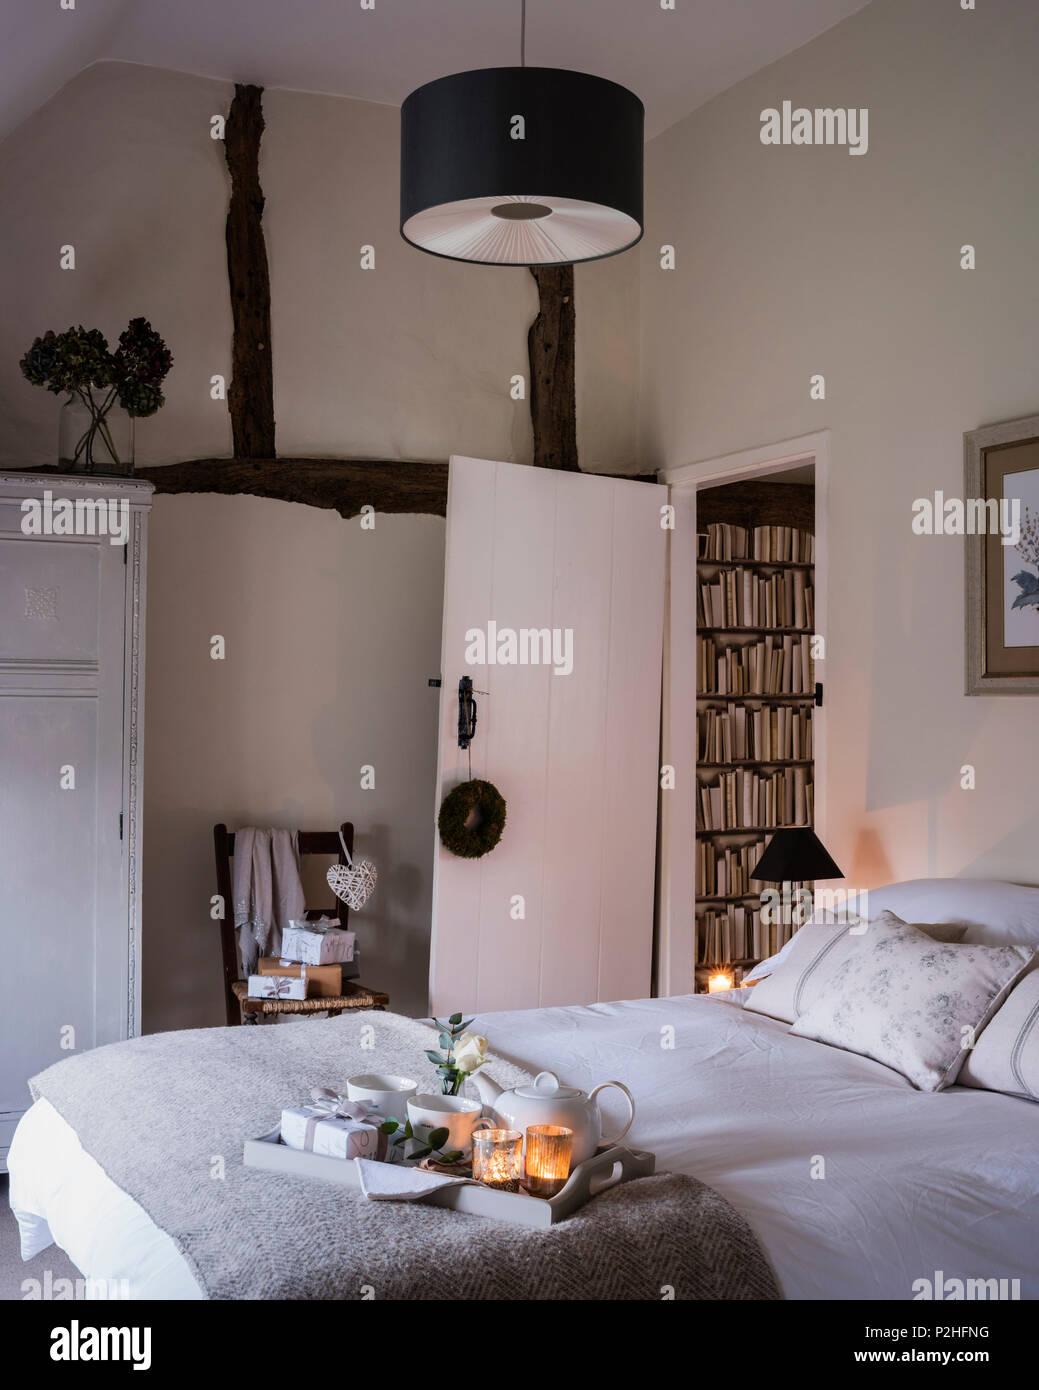 Chambre d'amis avec des poutres et des murs peints en satin Slipper par Farrow & Ball. Le lancer est de Neptune Photo Stock